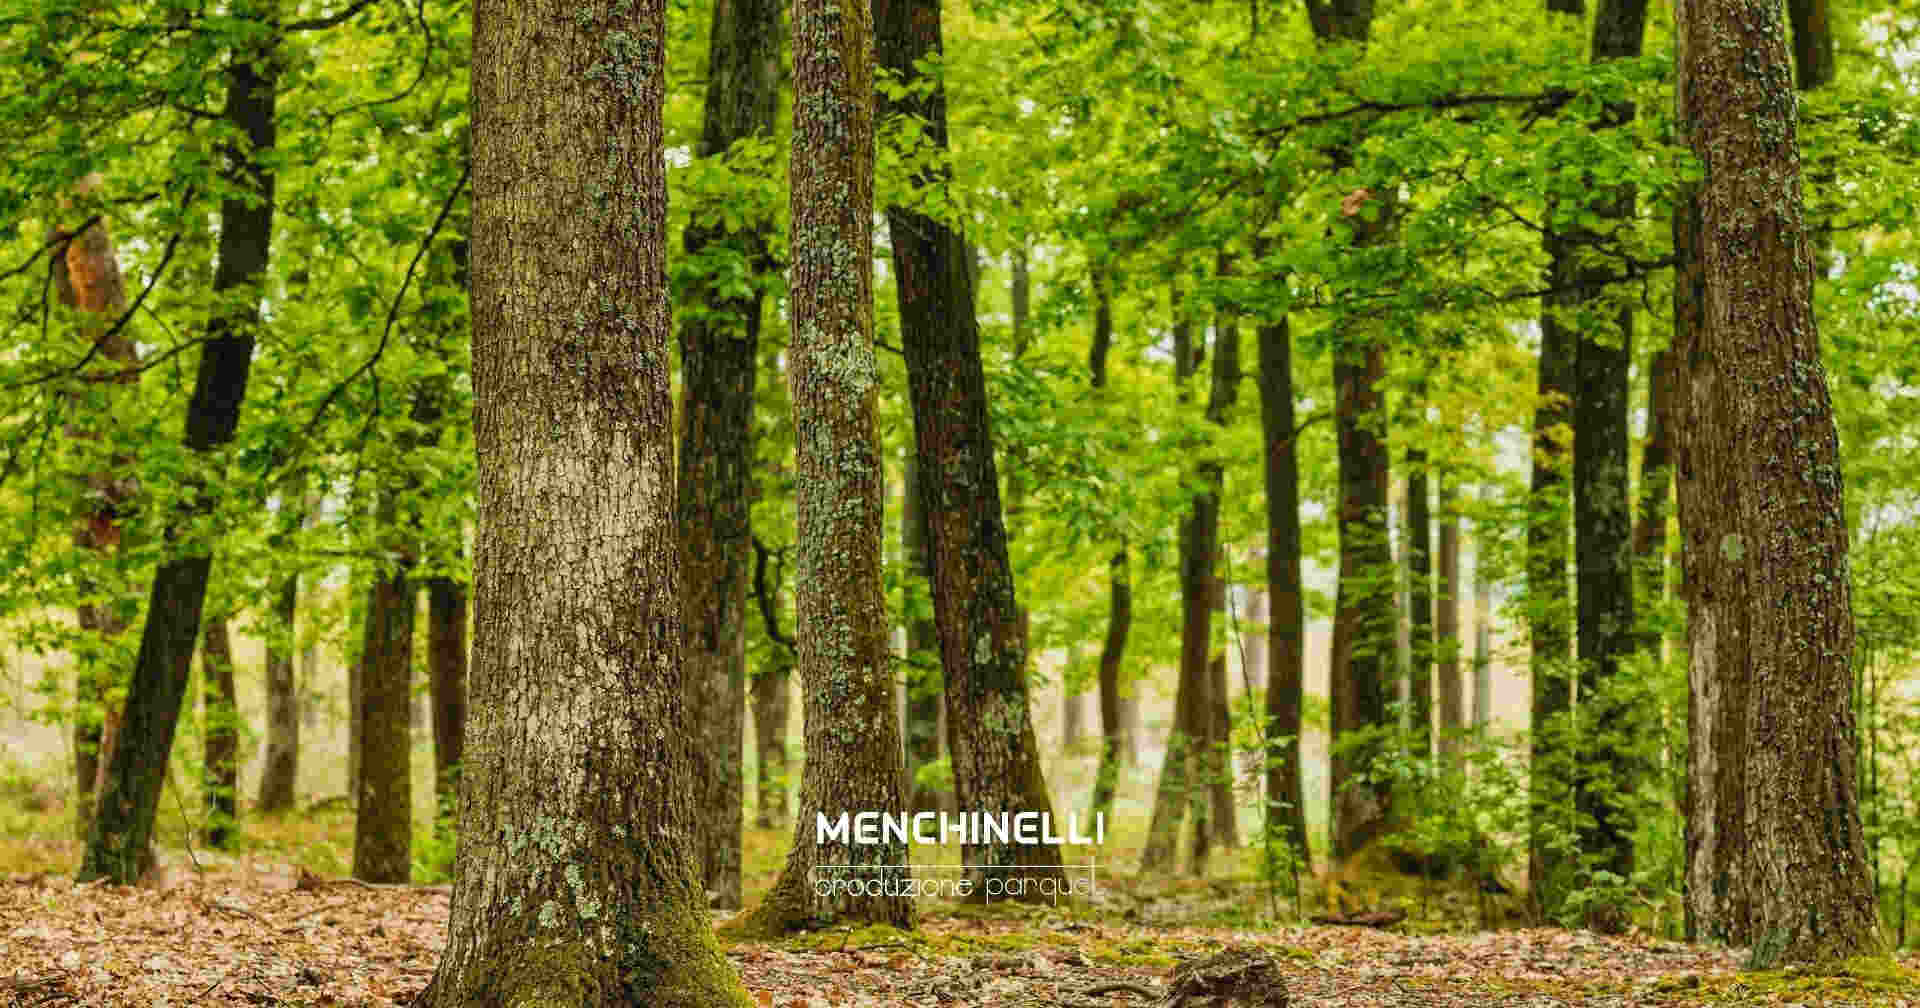 legno per la realizzazione del pavimento sostenibile